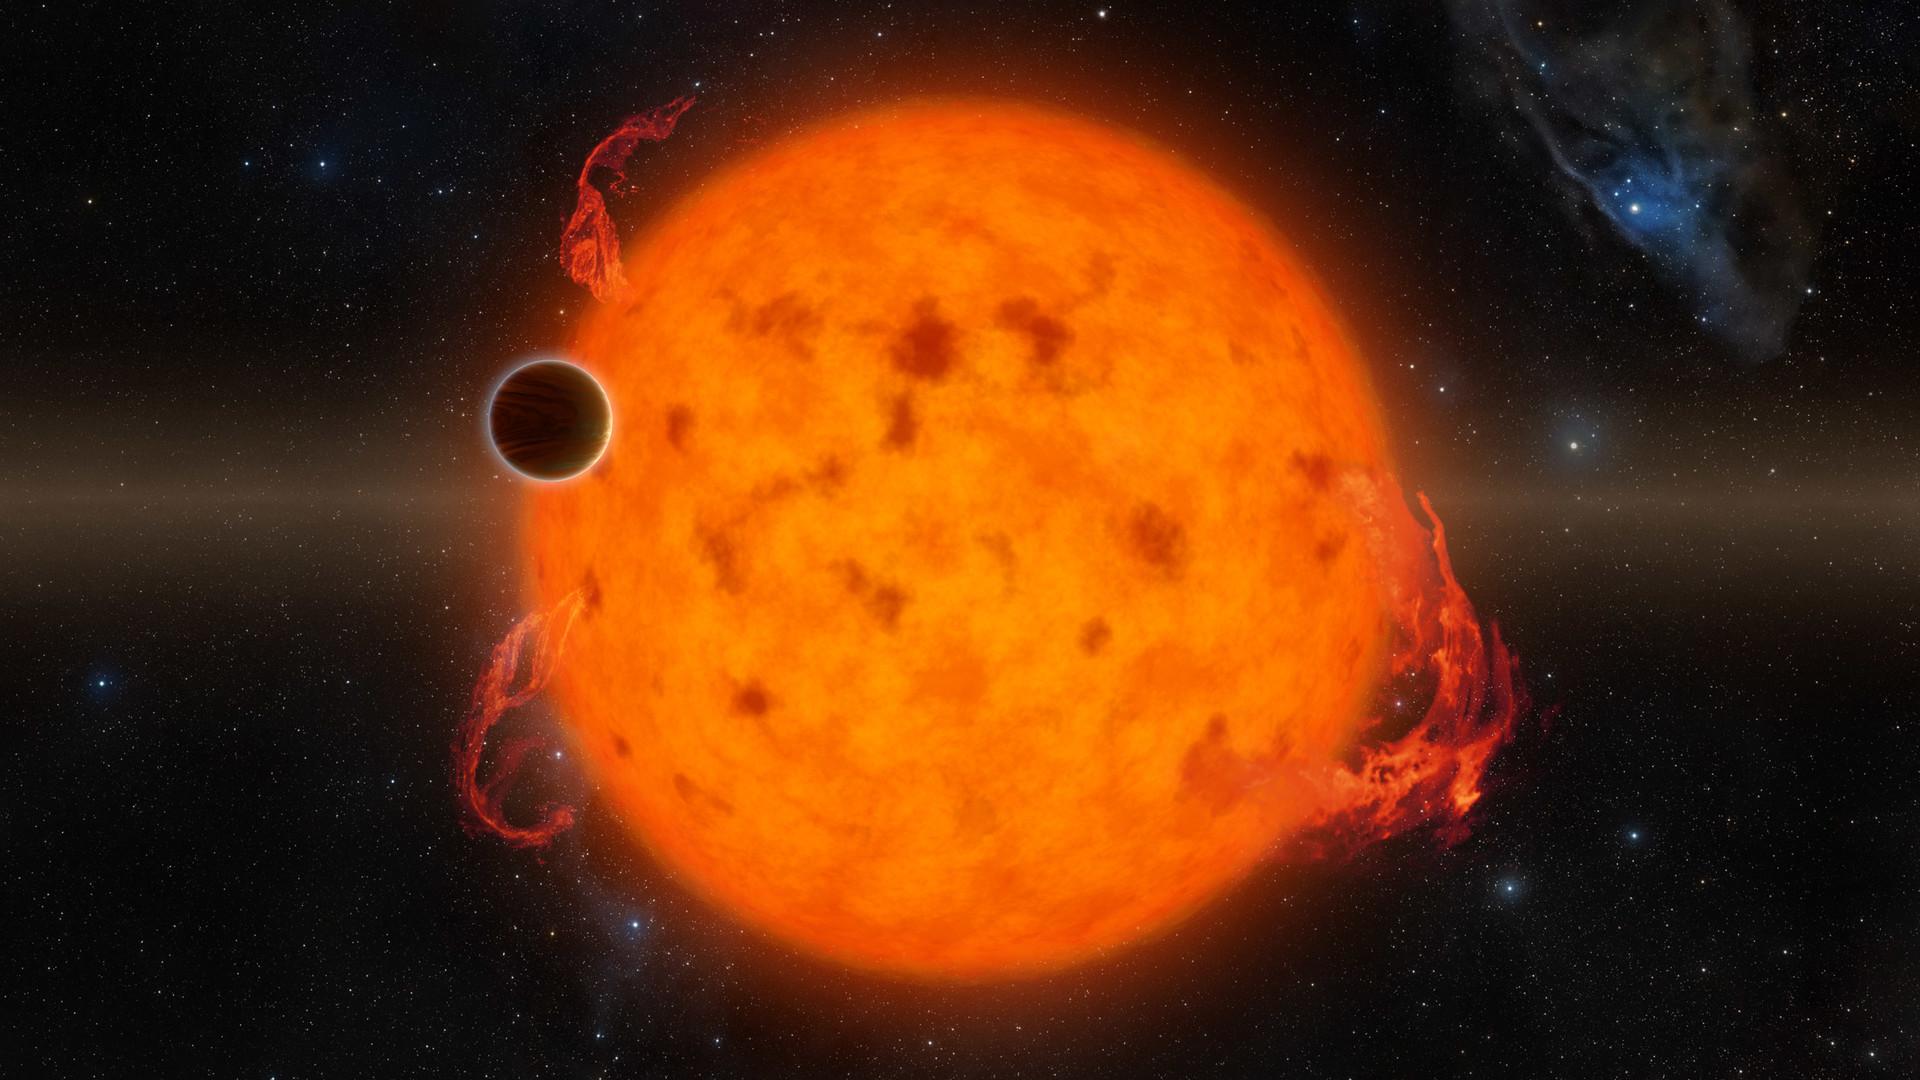 Астрономы обнаружили новую планету, которая противоречит законам физики